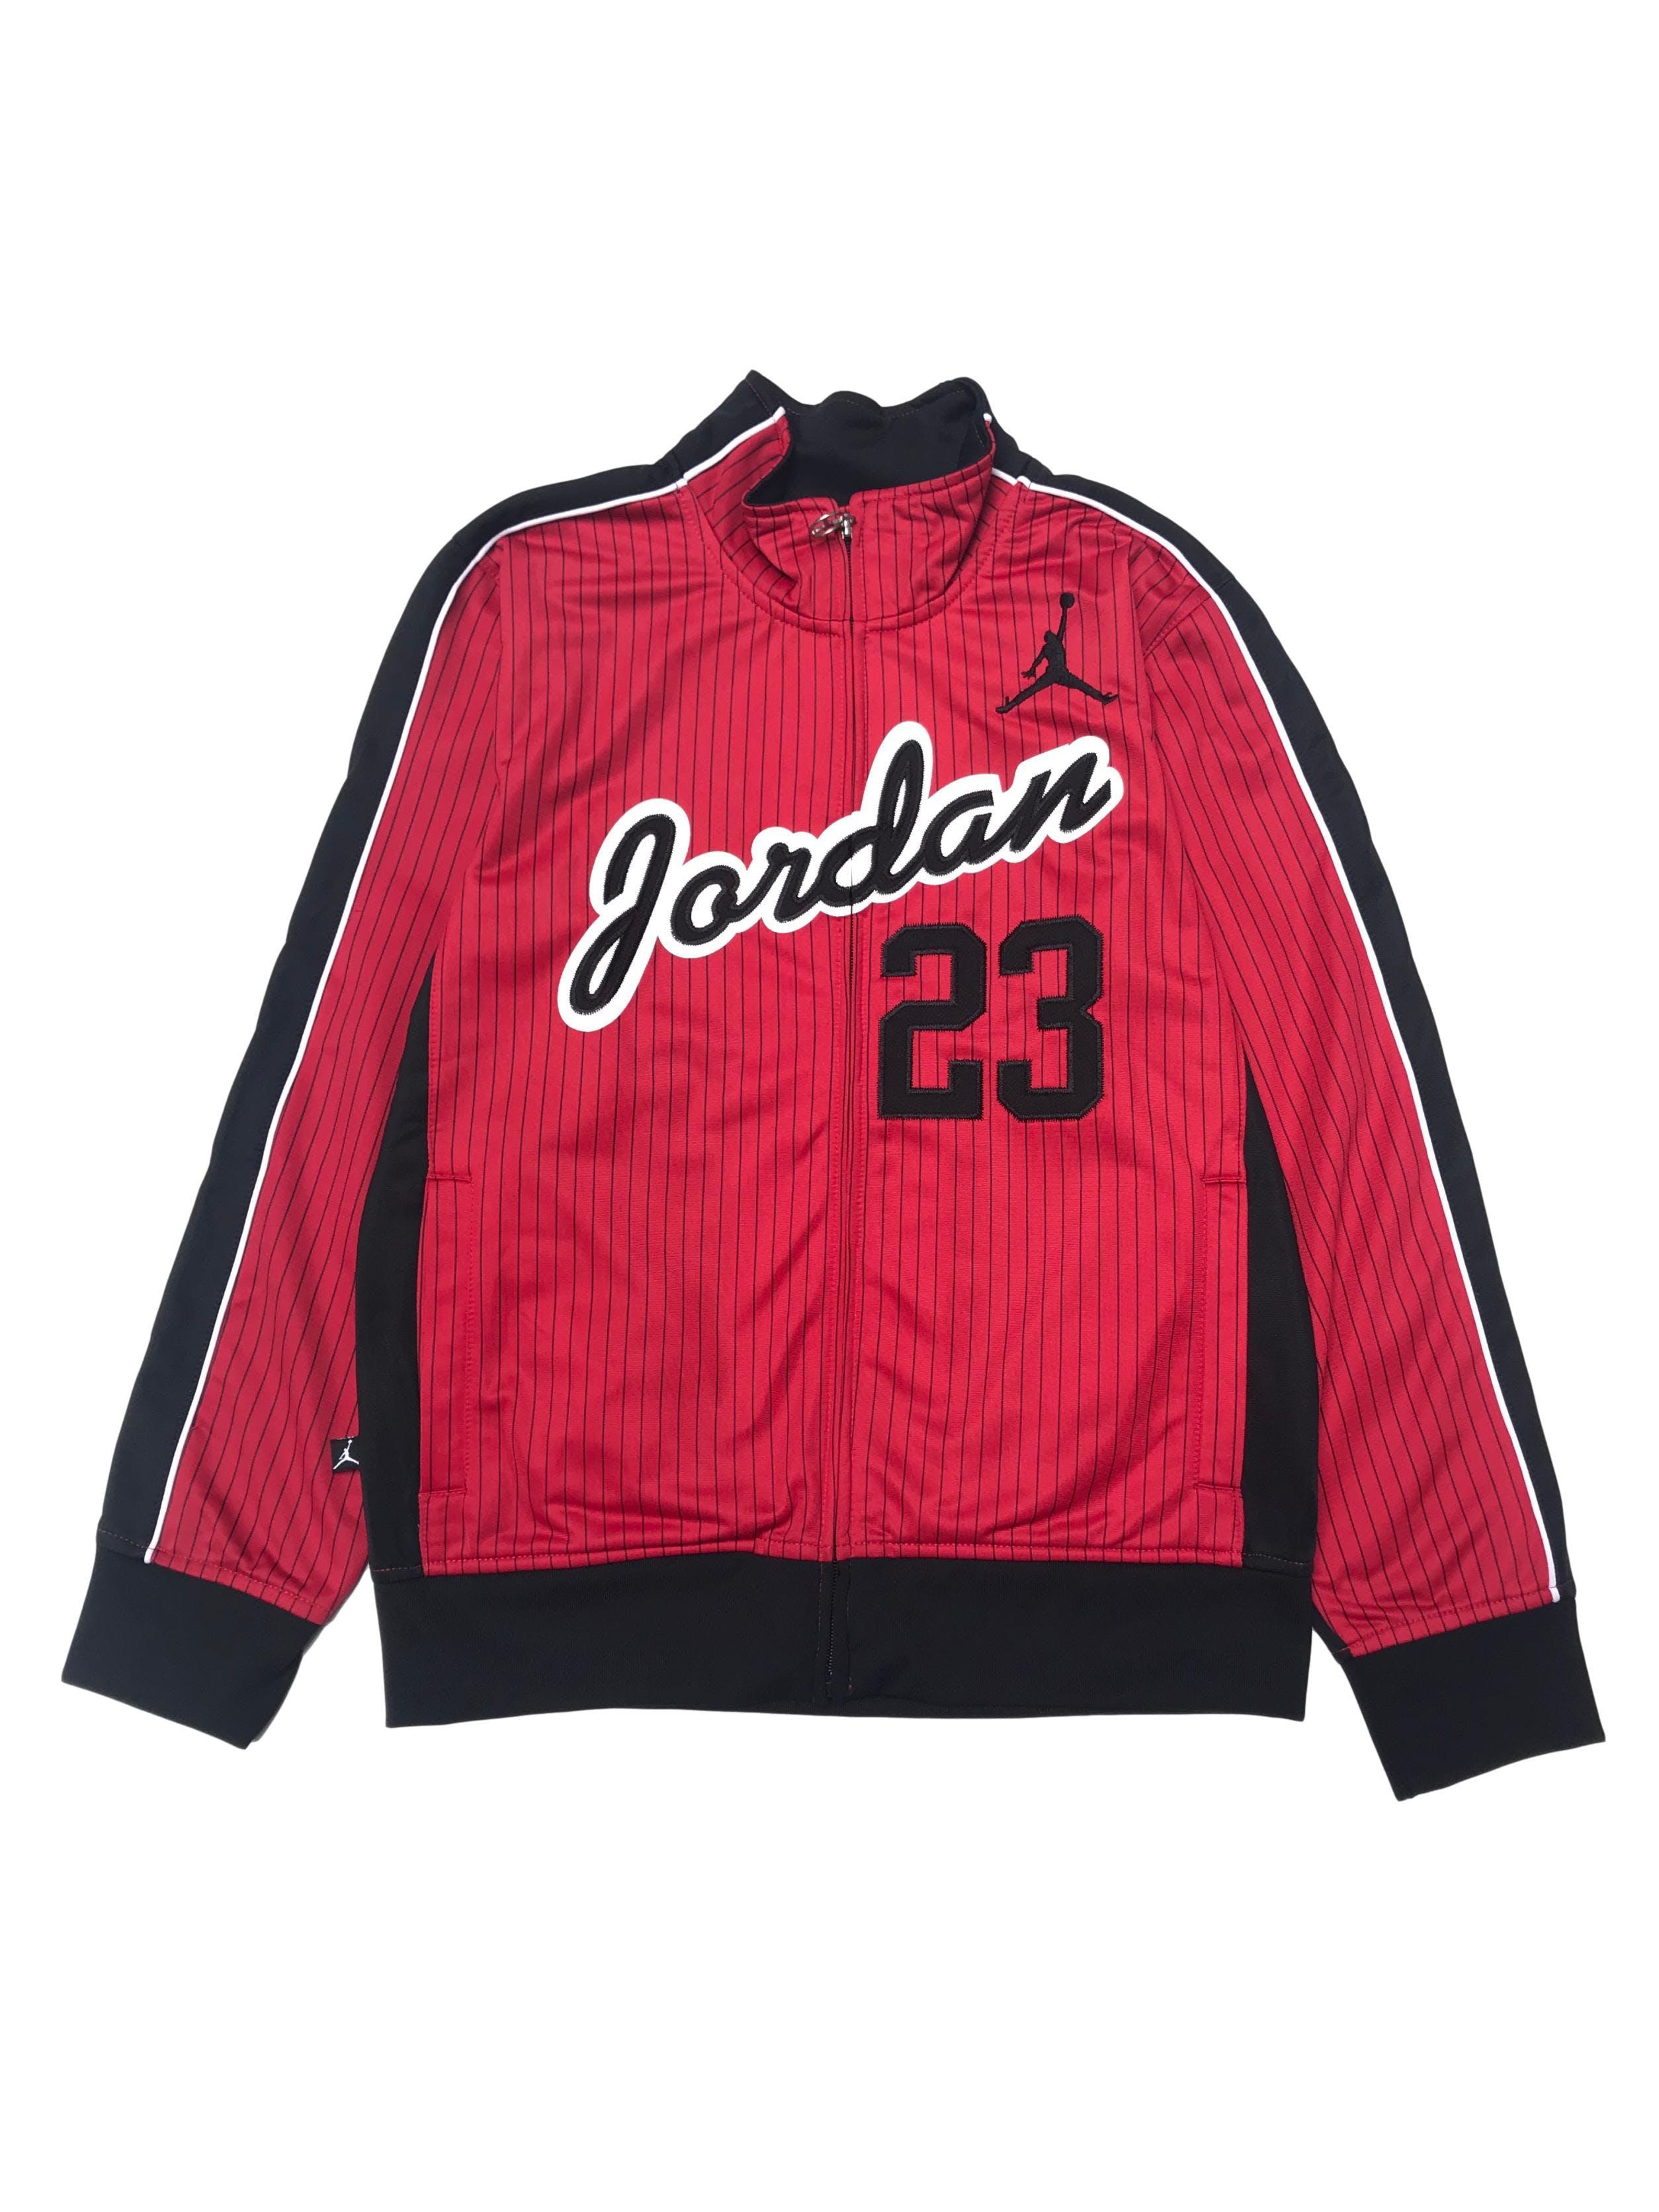 Casaca Jordan material tipo buzo deporte, posterior negro y delantero rojo con líneas y aplicaciones bordadas. Es Size Junior pero da a una S